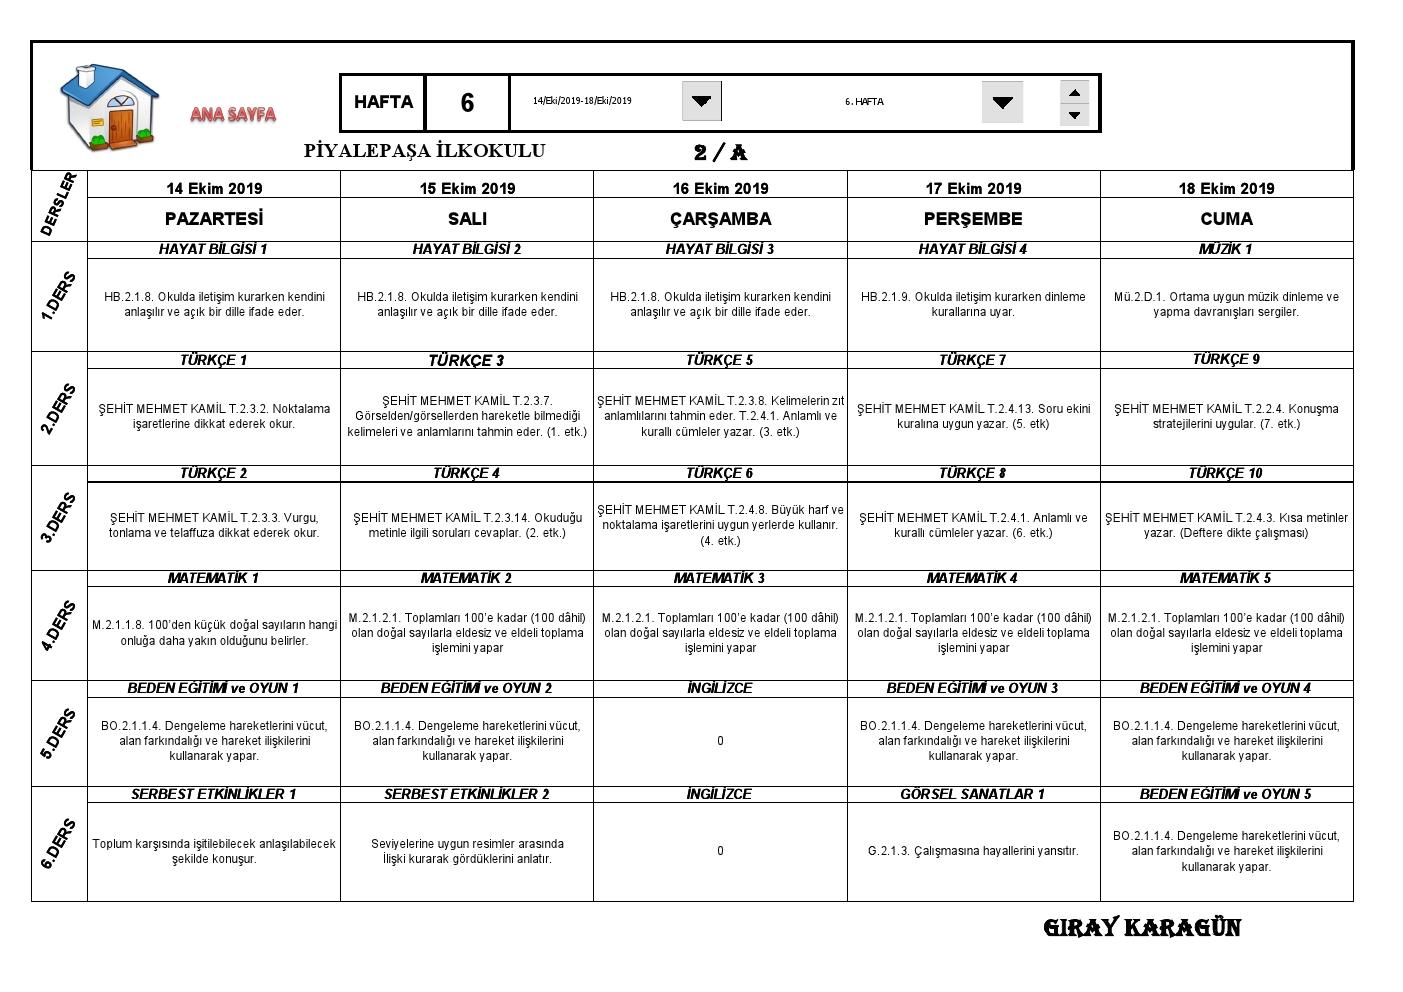 2. Sınıflar 6. Hafta Sınıf Defteri (14-18 Ekim 2019)